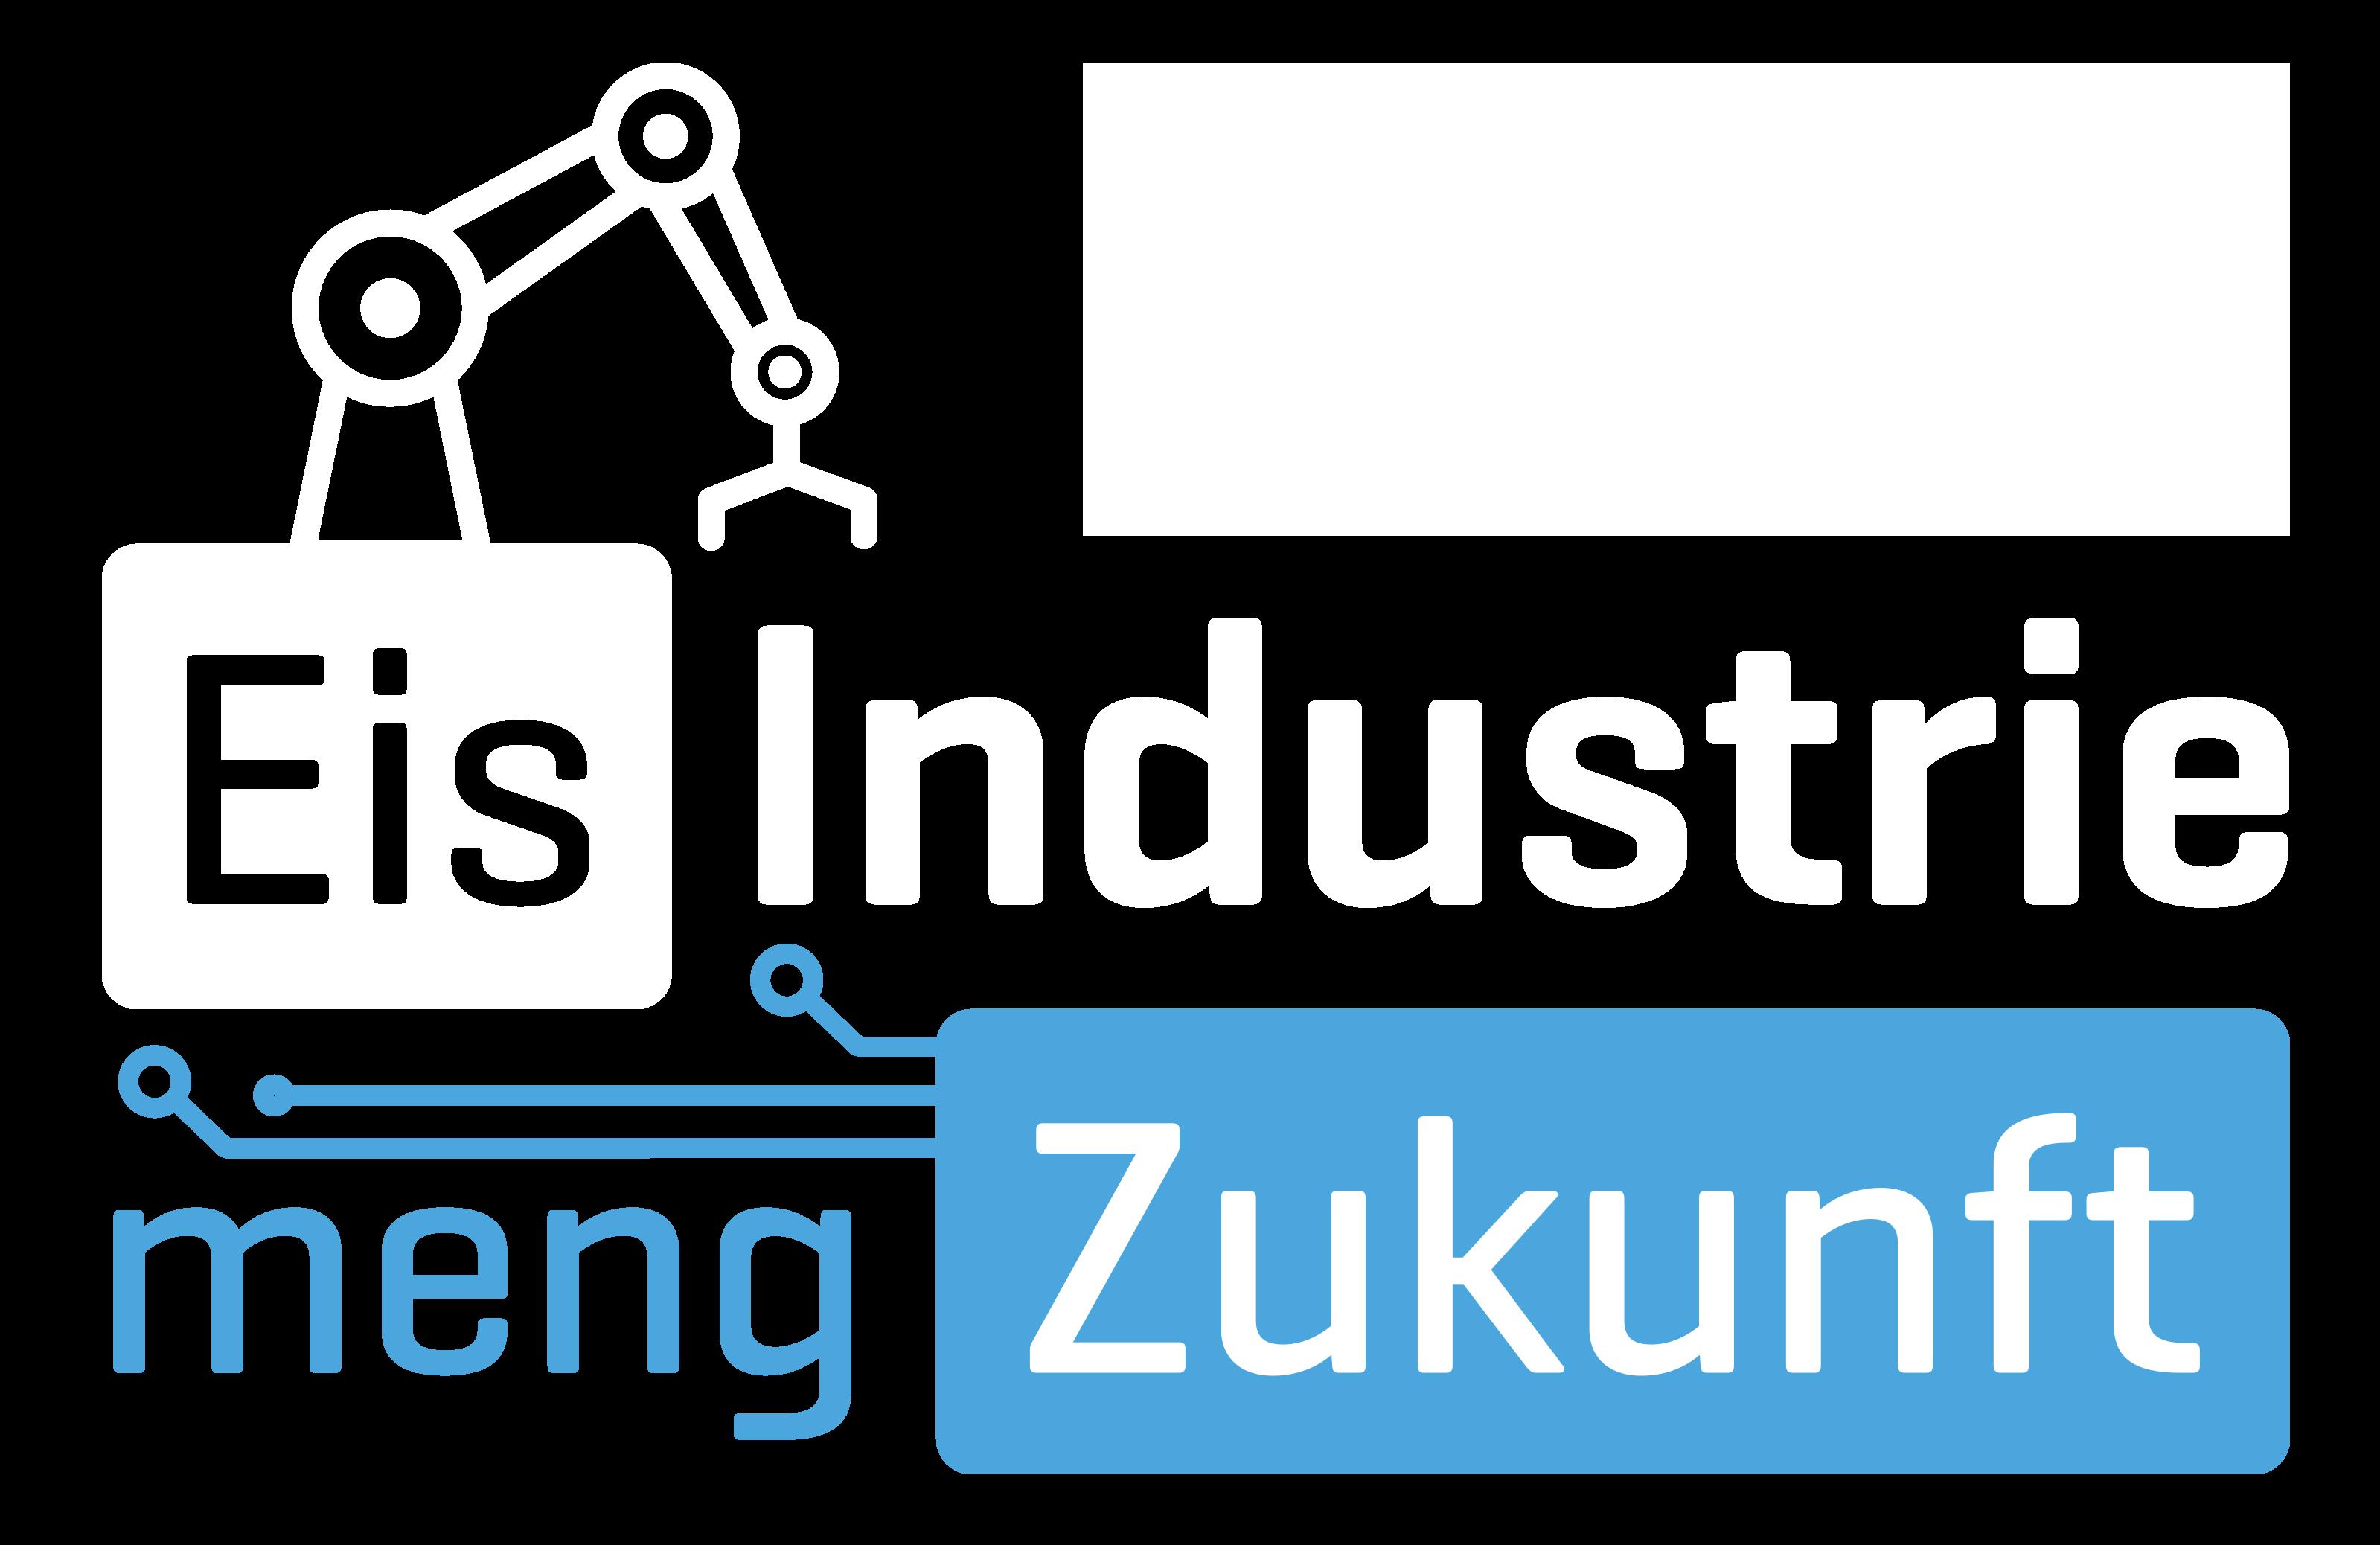 Eis Industrie meng Zukunft